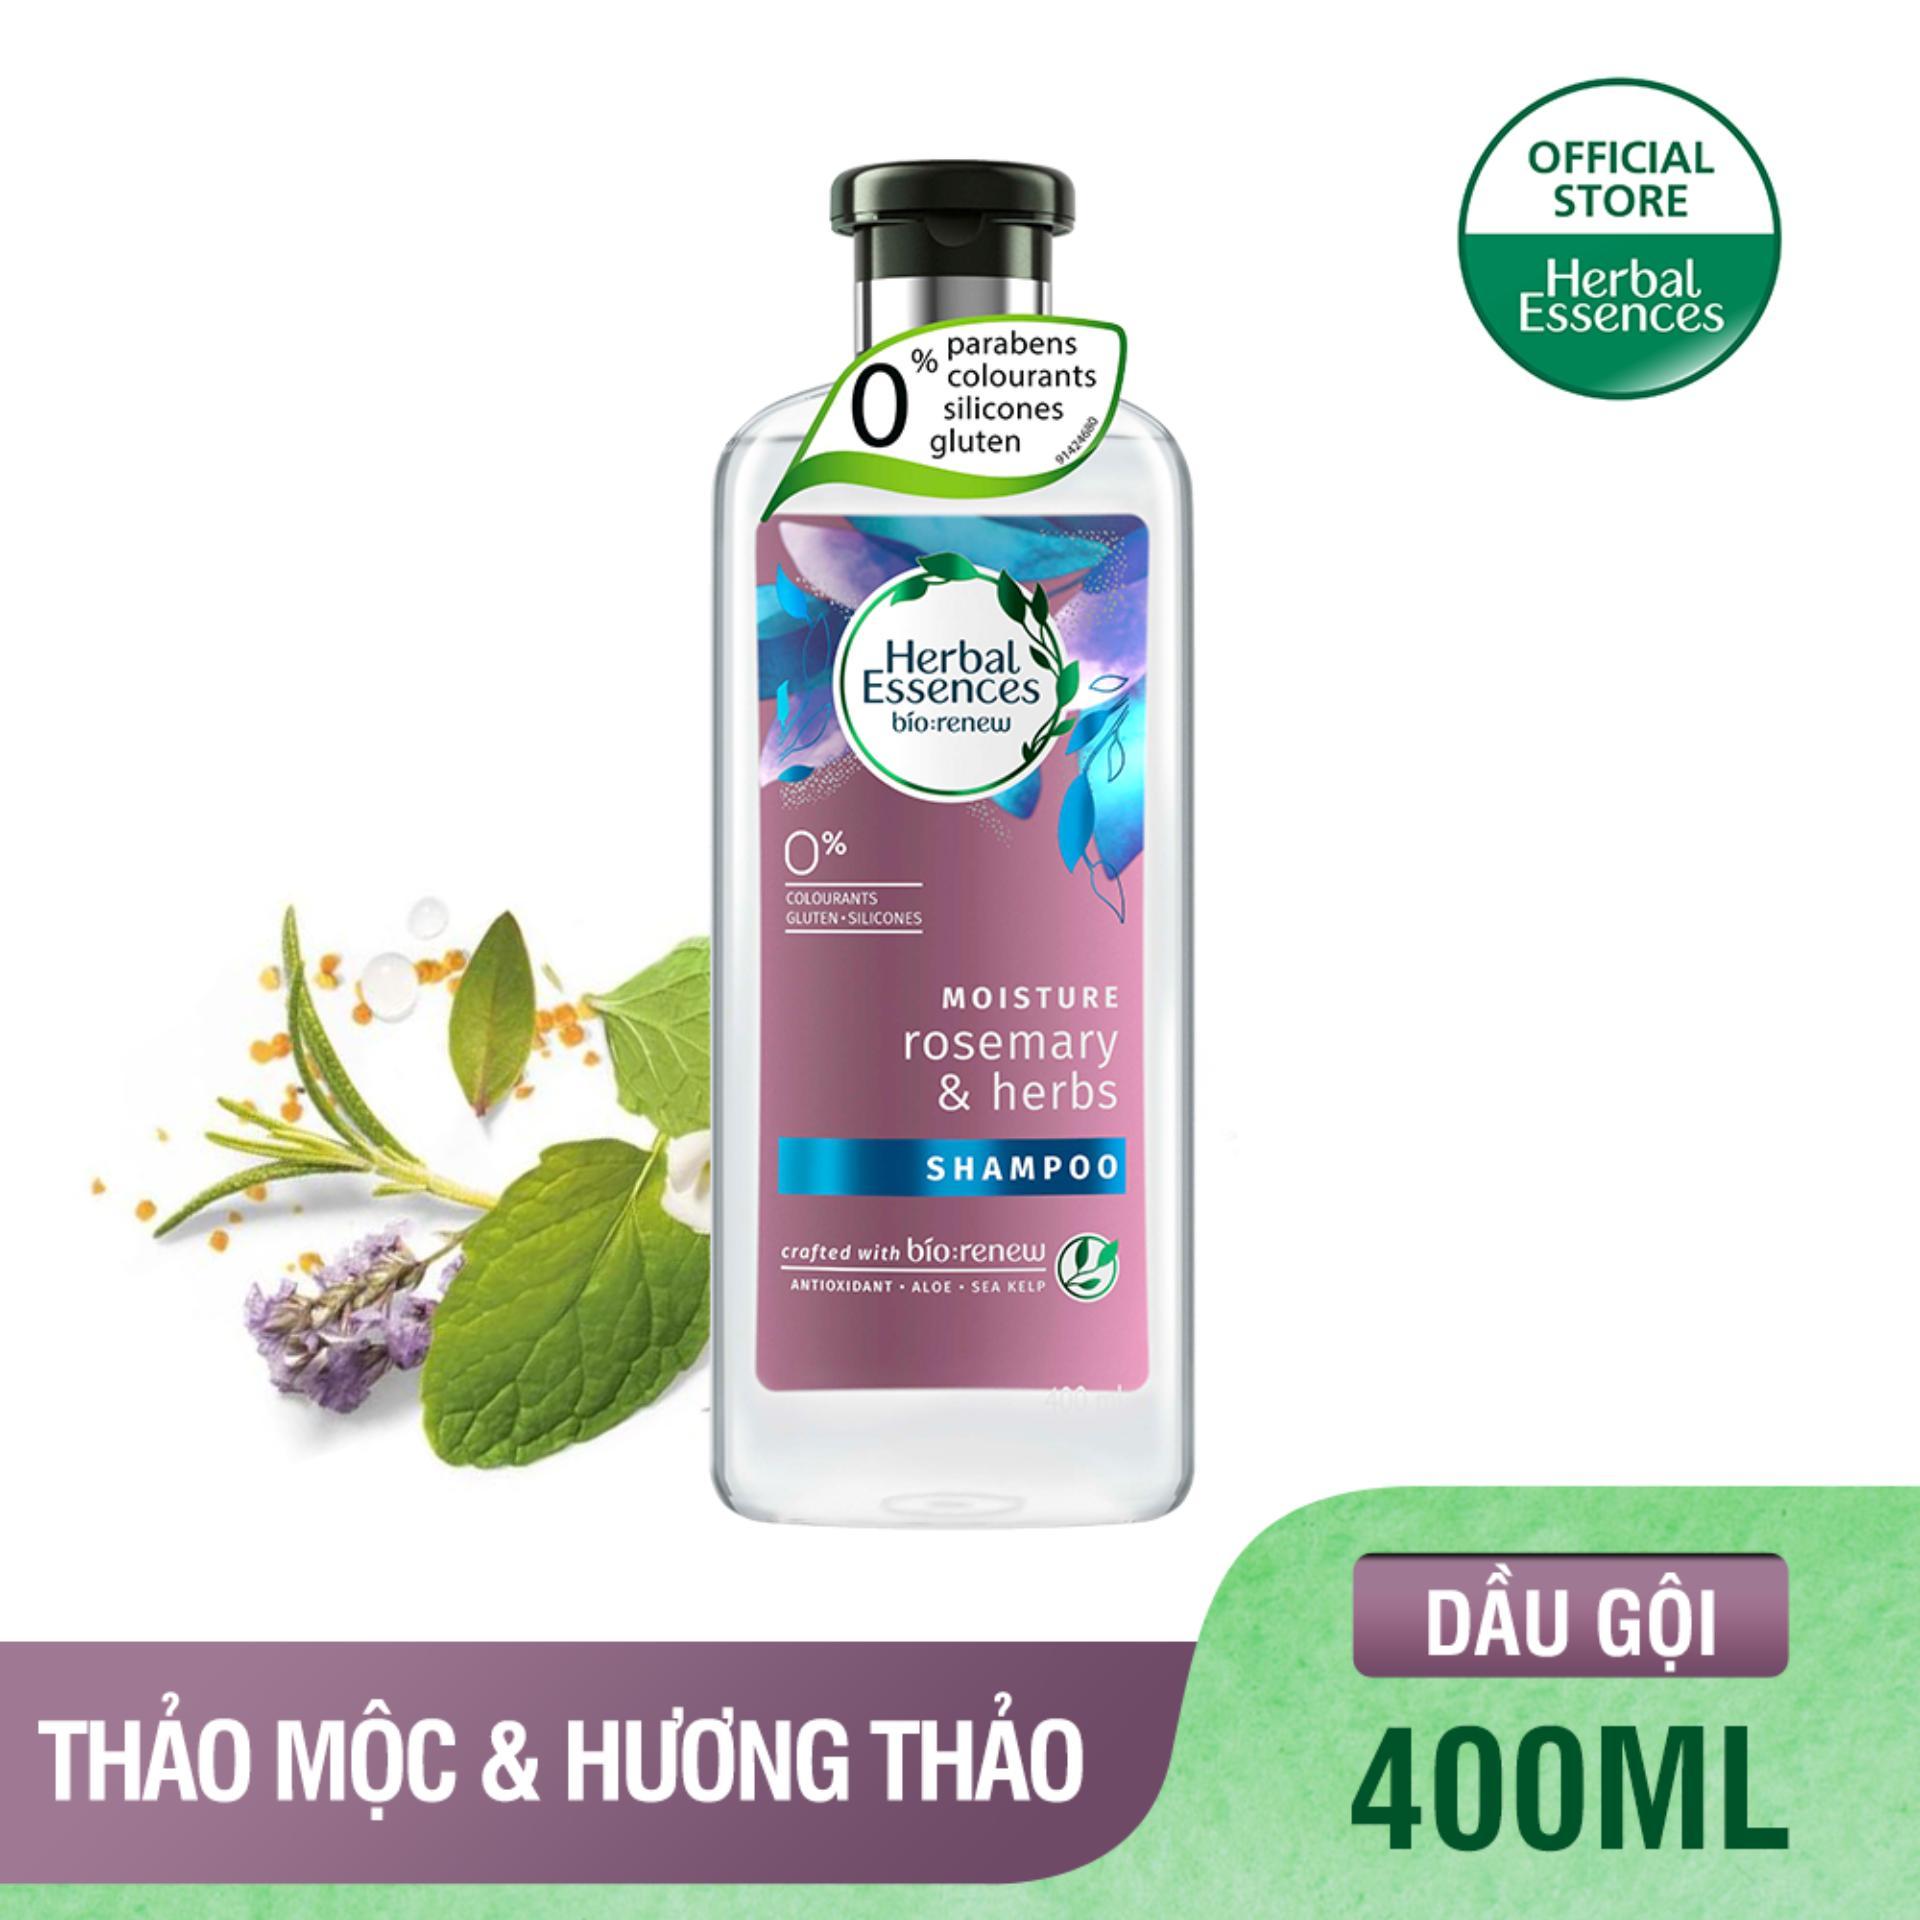 [HERBAL ESSENCES] Dầu Gội Herbal Essences Thảo Mộc & Hương Thảo chai 400ml